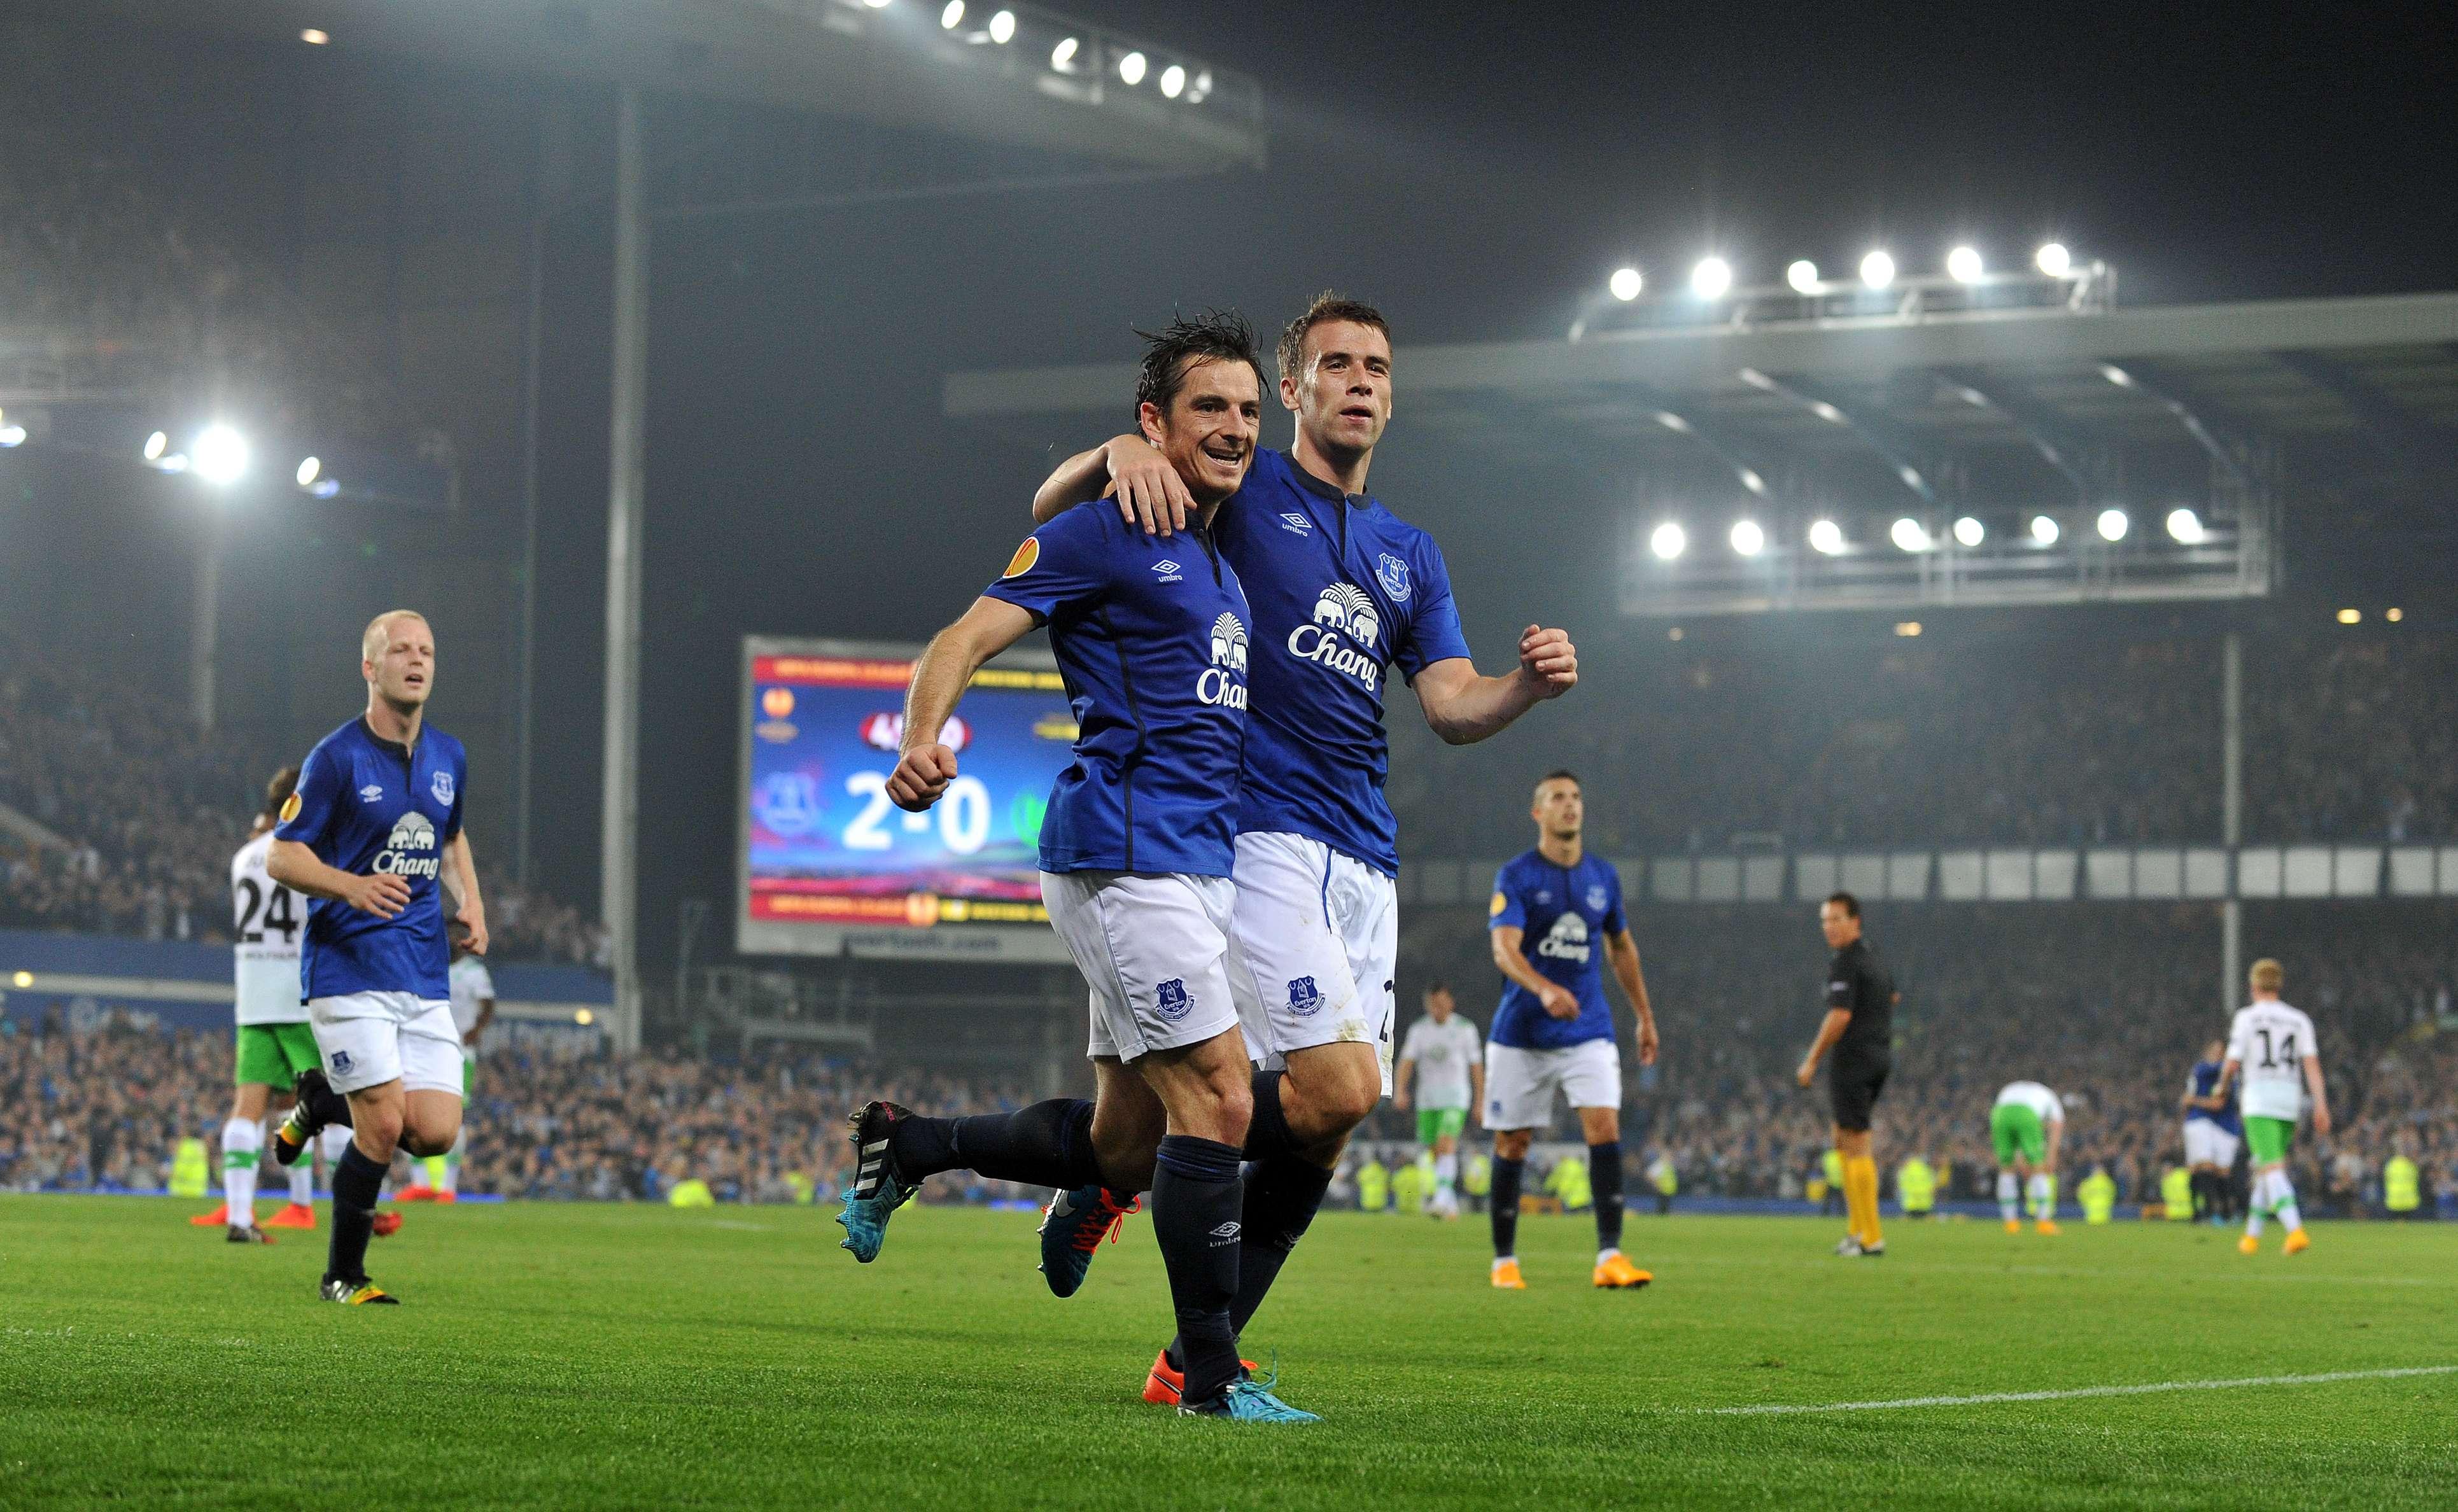 Jugadores del Everton festejan la goleada. Foto: AFP